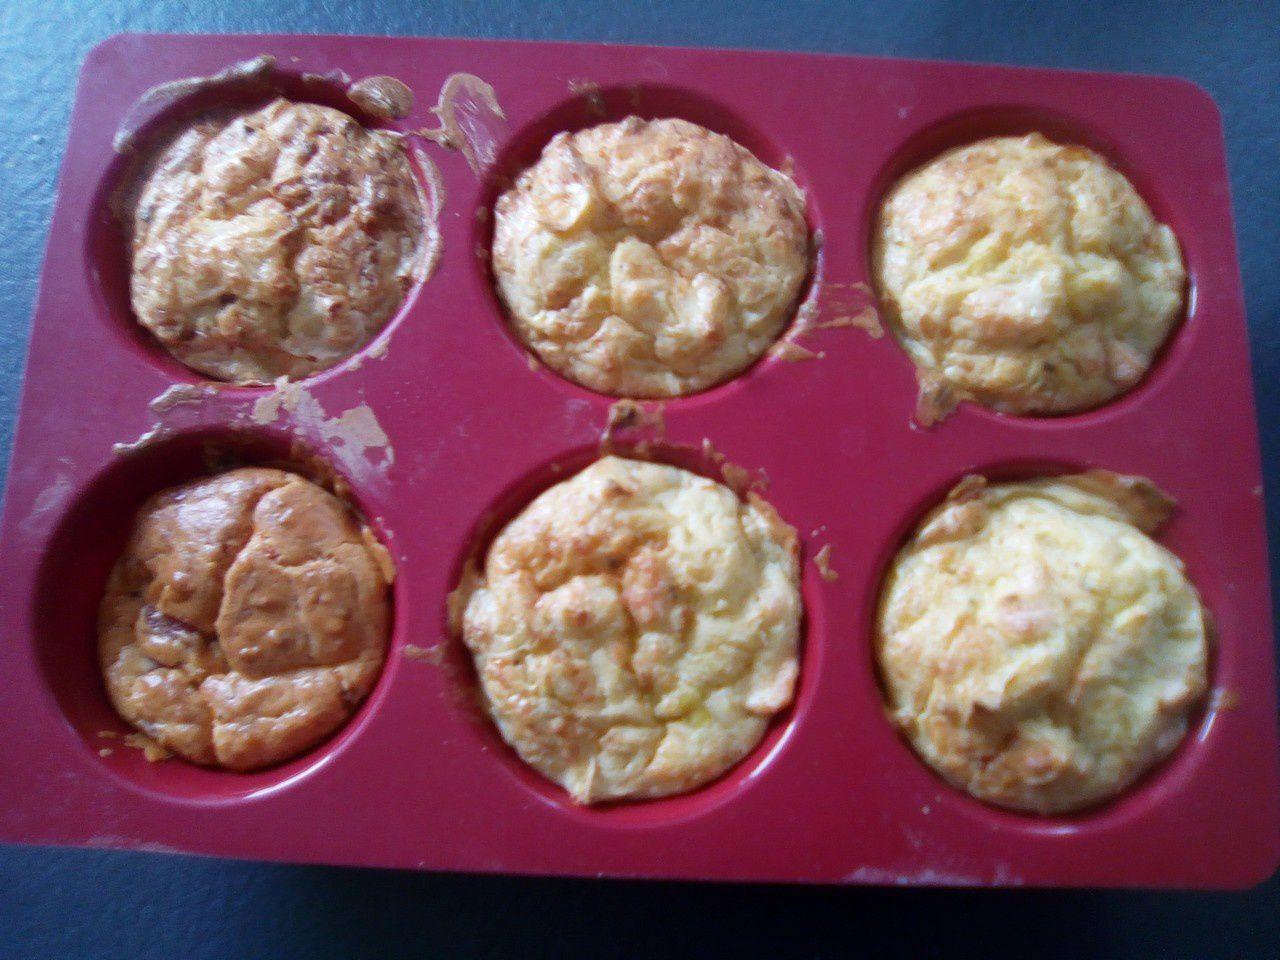 Muffins saumon et poireaux